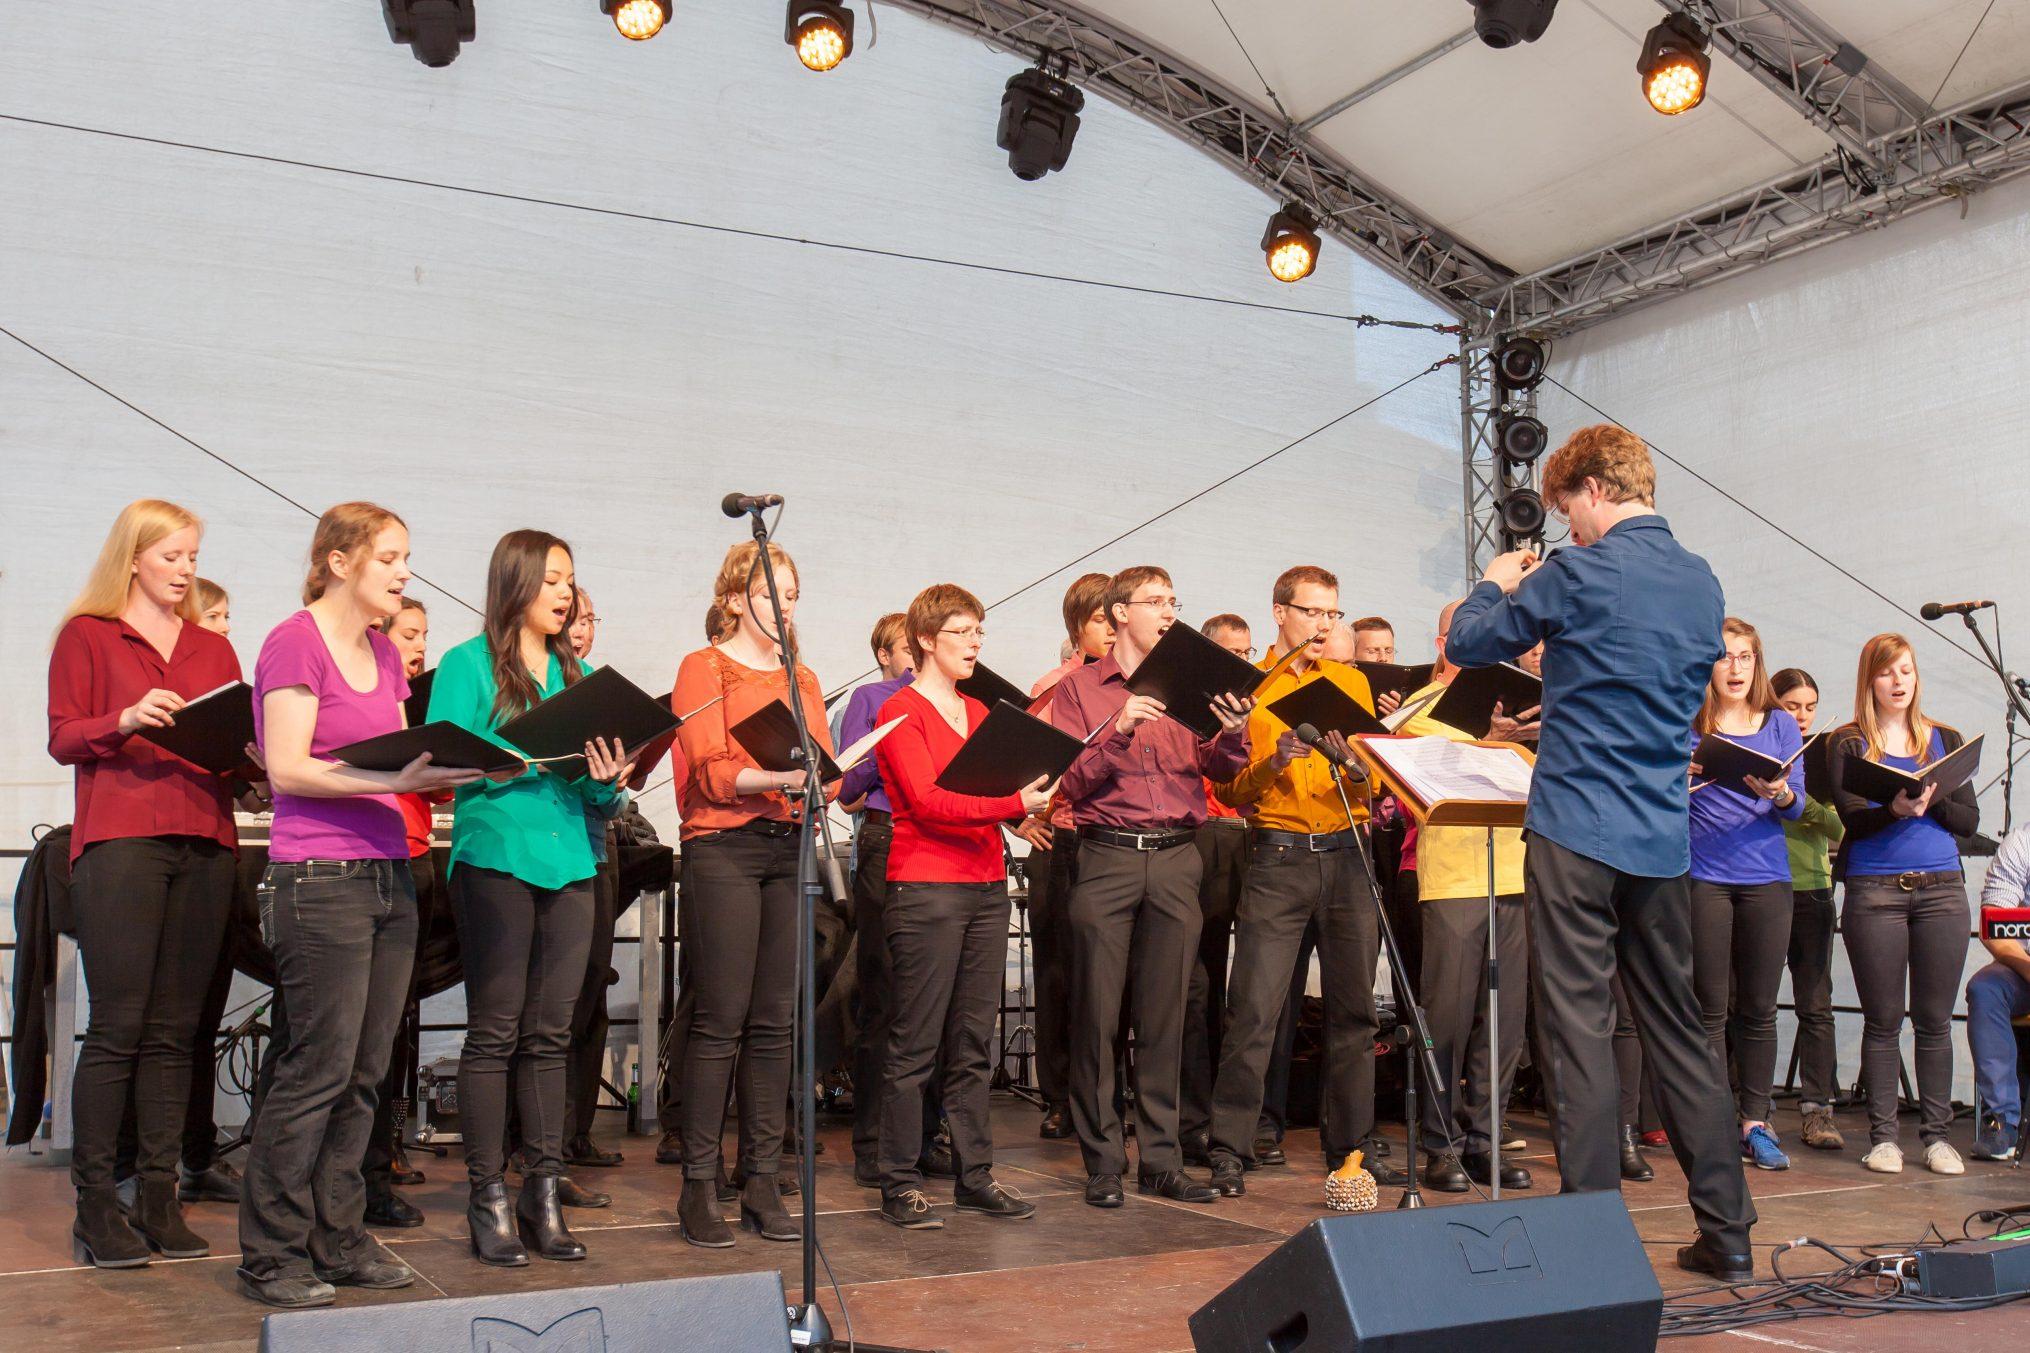 Der Unichor geleitet durch Sebastian Grünberg bei einem Auftritt zur TU-Night 2016. Foto: TU Braunschweig/ Presse und Kommunikation